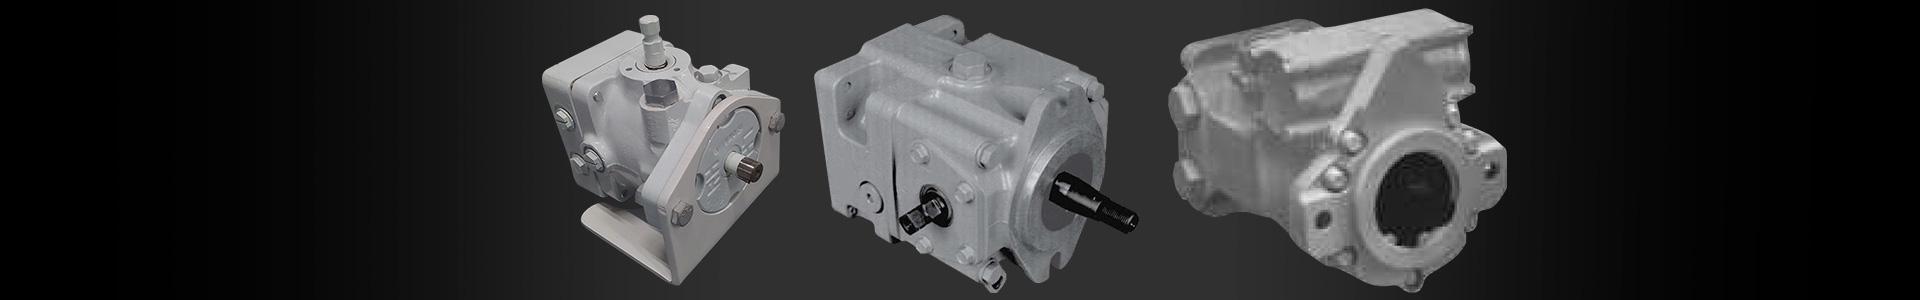 S15 & M25 Pumps & Motors